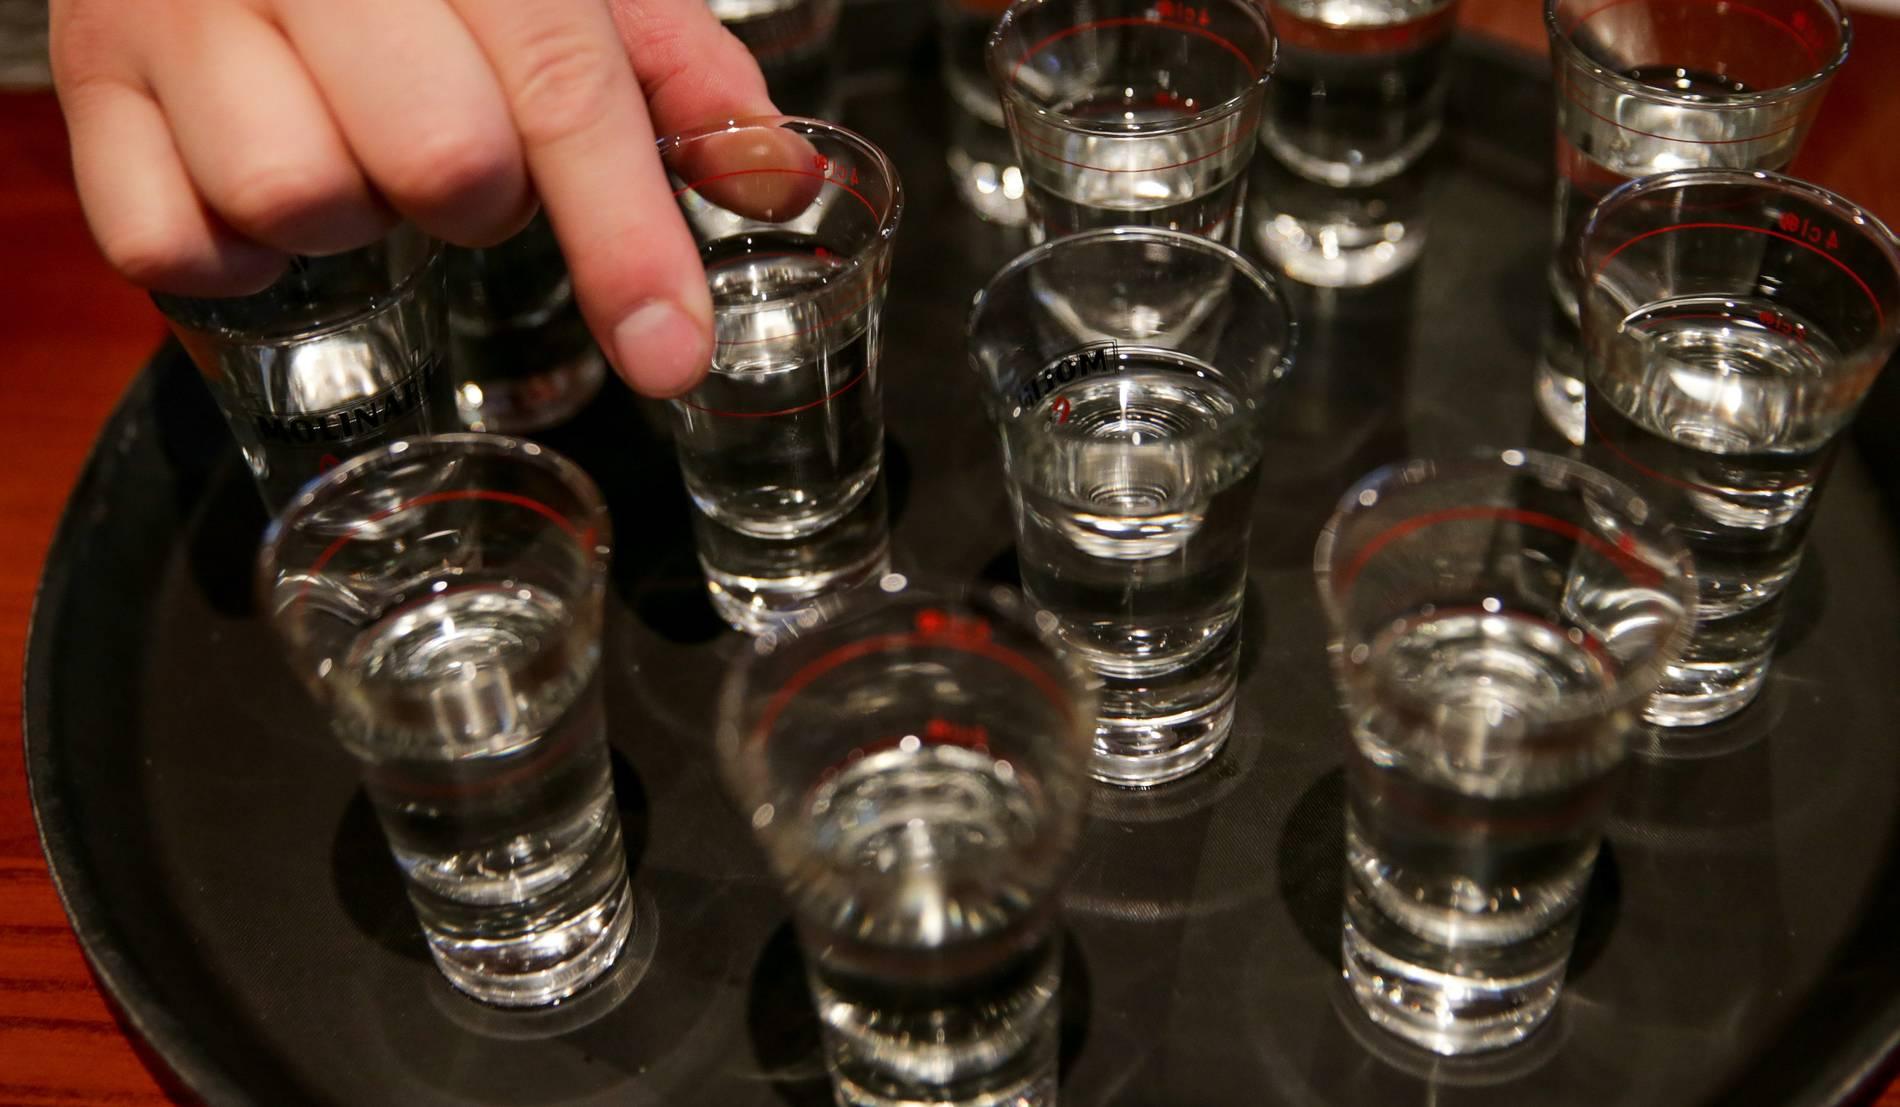 Medienberichte aus der Türkei - Mehr als 40 Tote durch gepanschten Alkohol